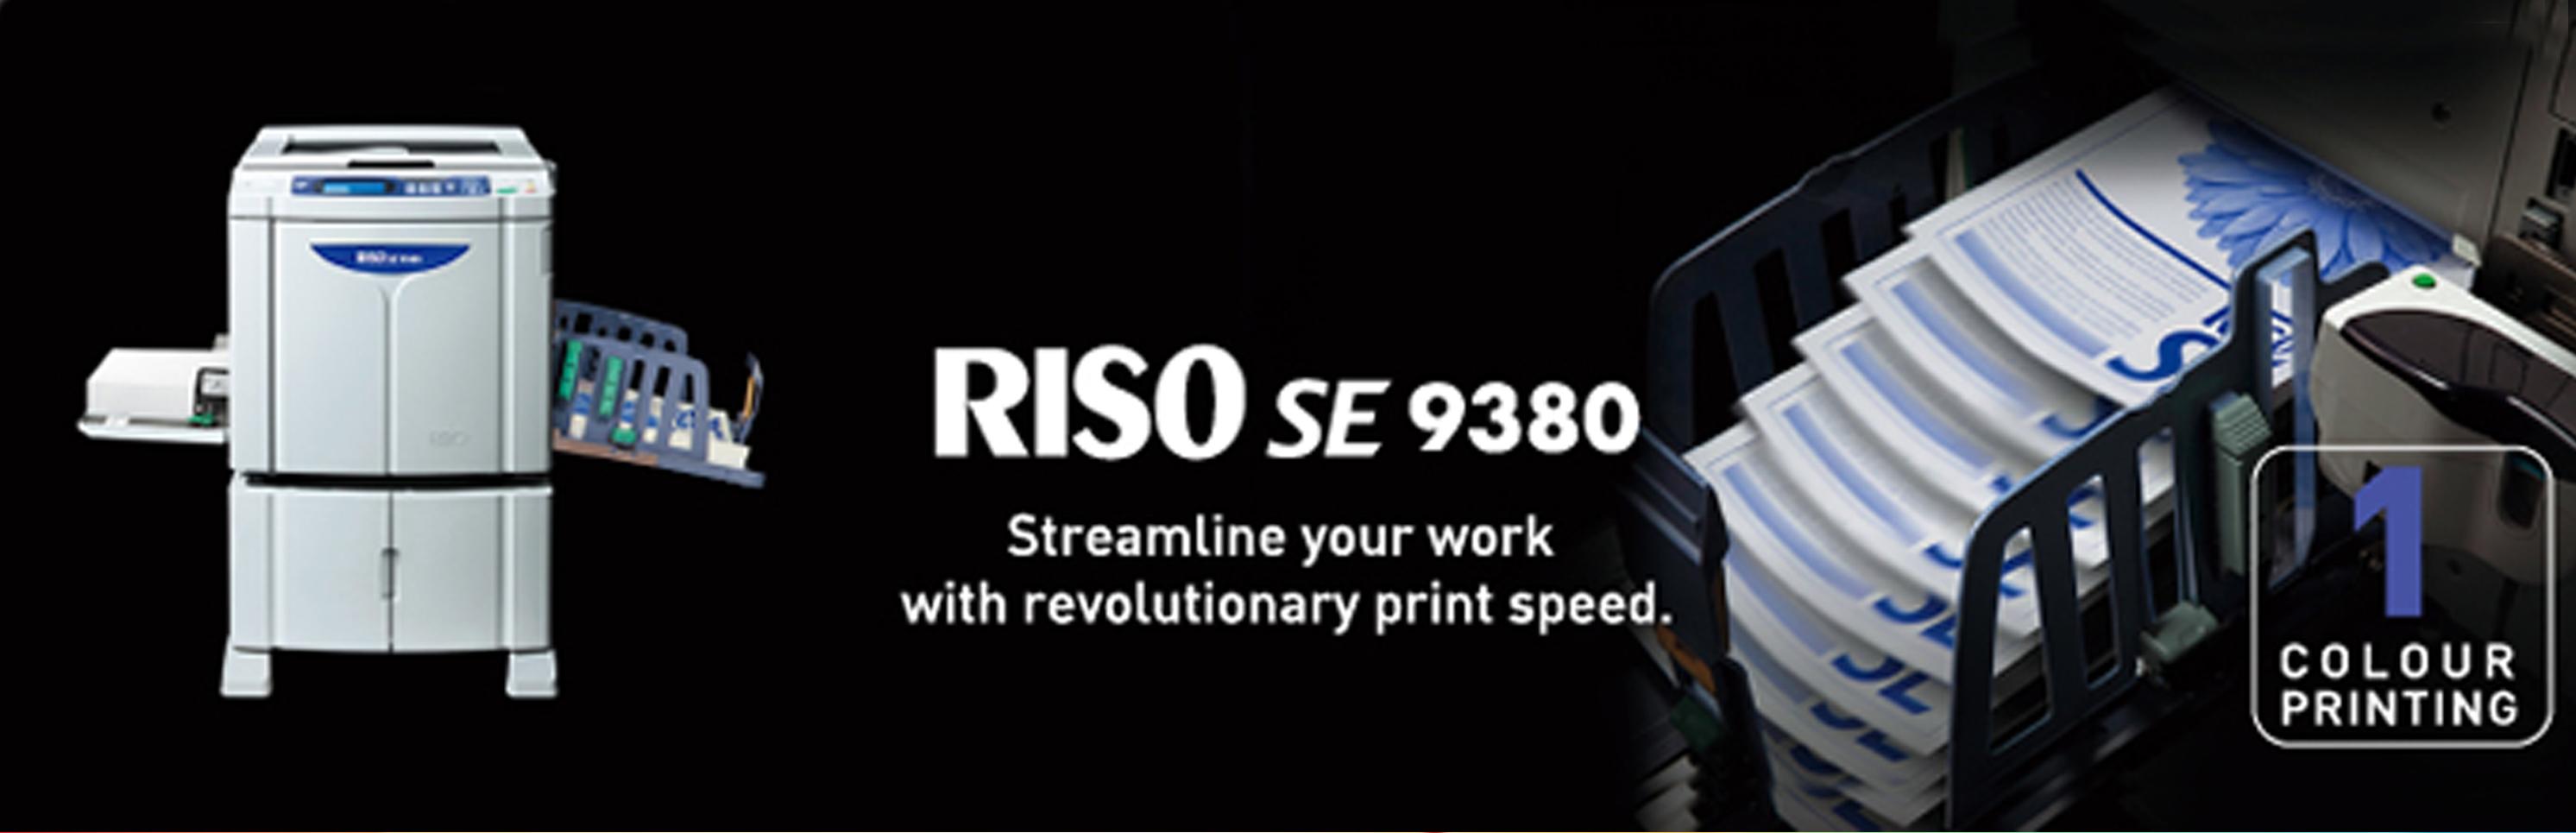 Riso SE 9380 Digital Duplicator Printer